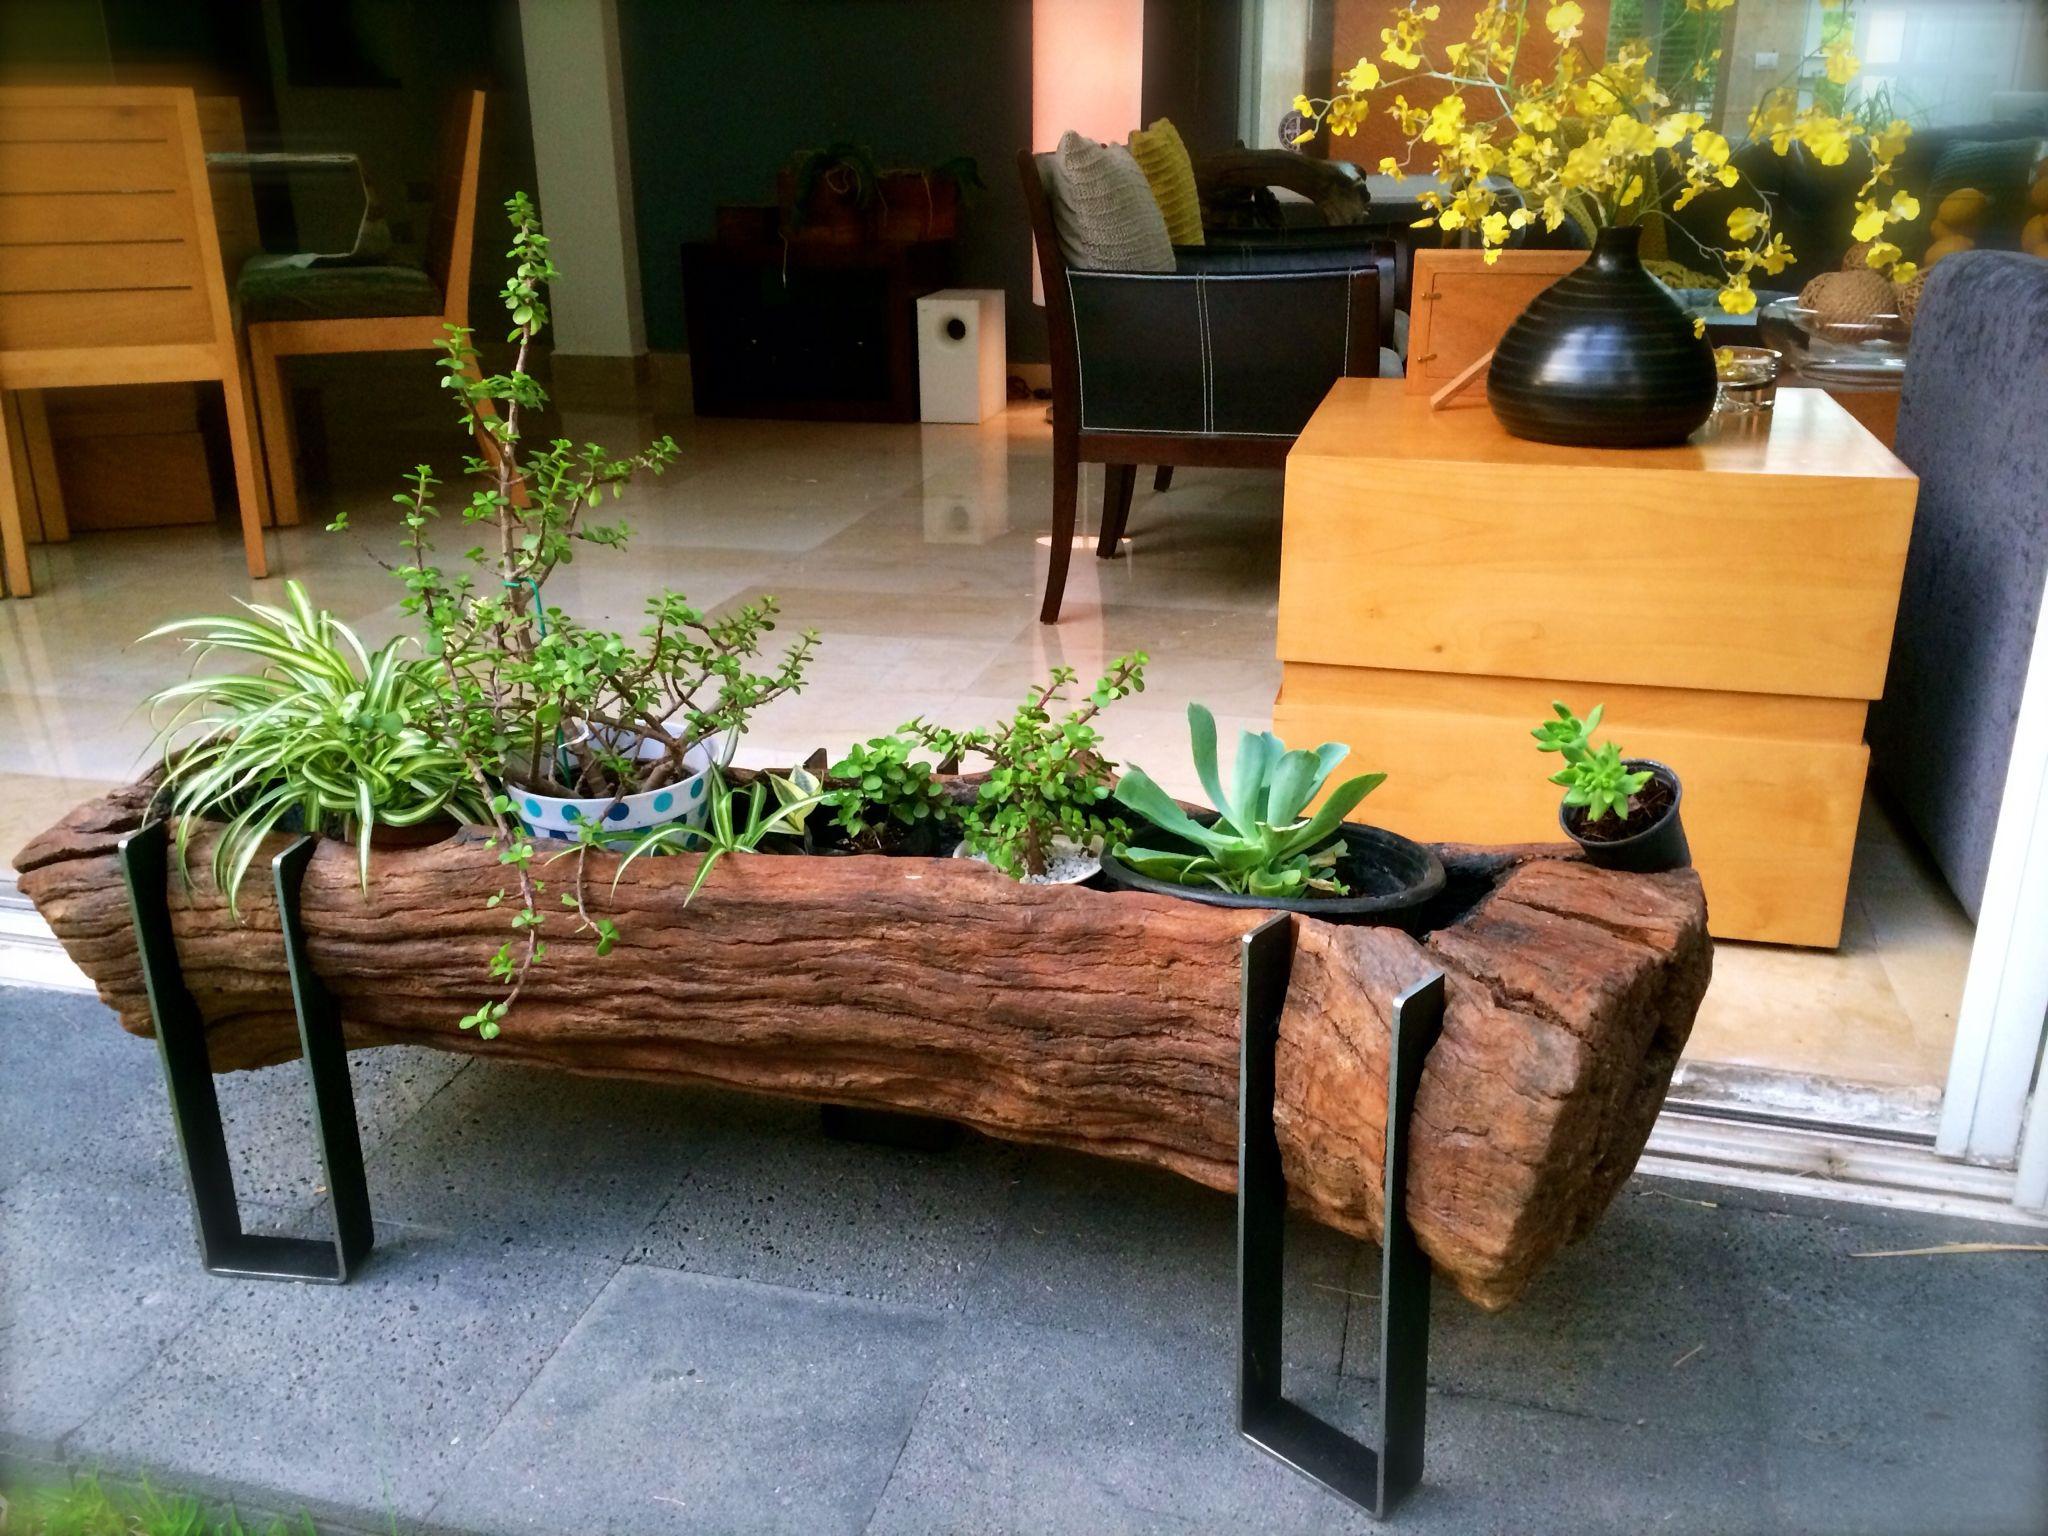 Madera reciclada comedero de animales hecho jardinera con for Diseno de muebles con madera reciclada